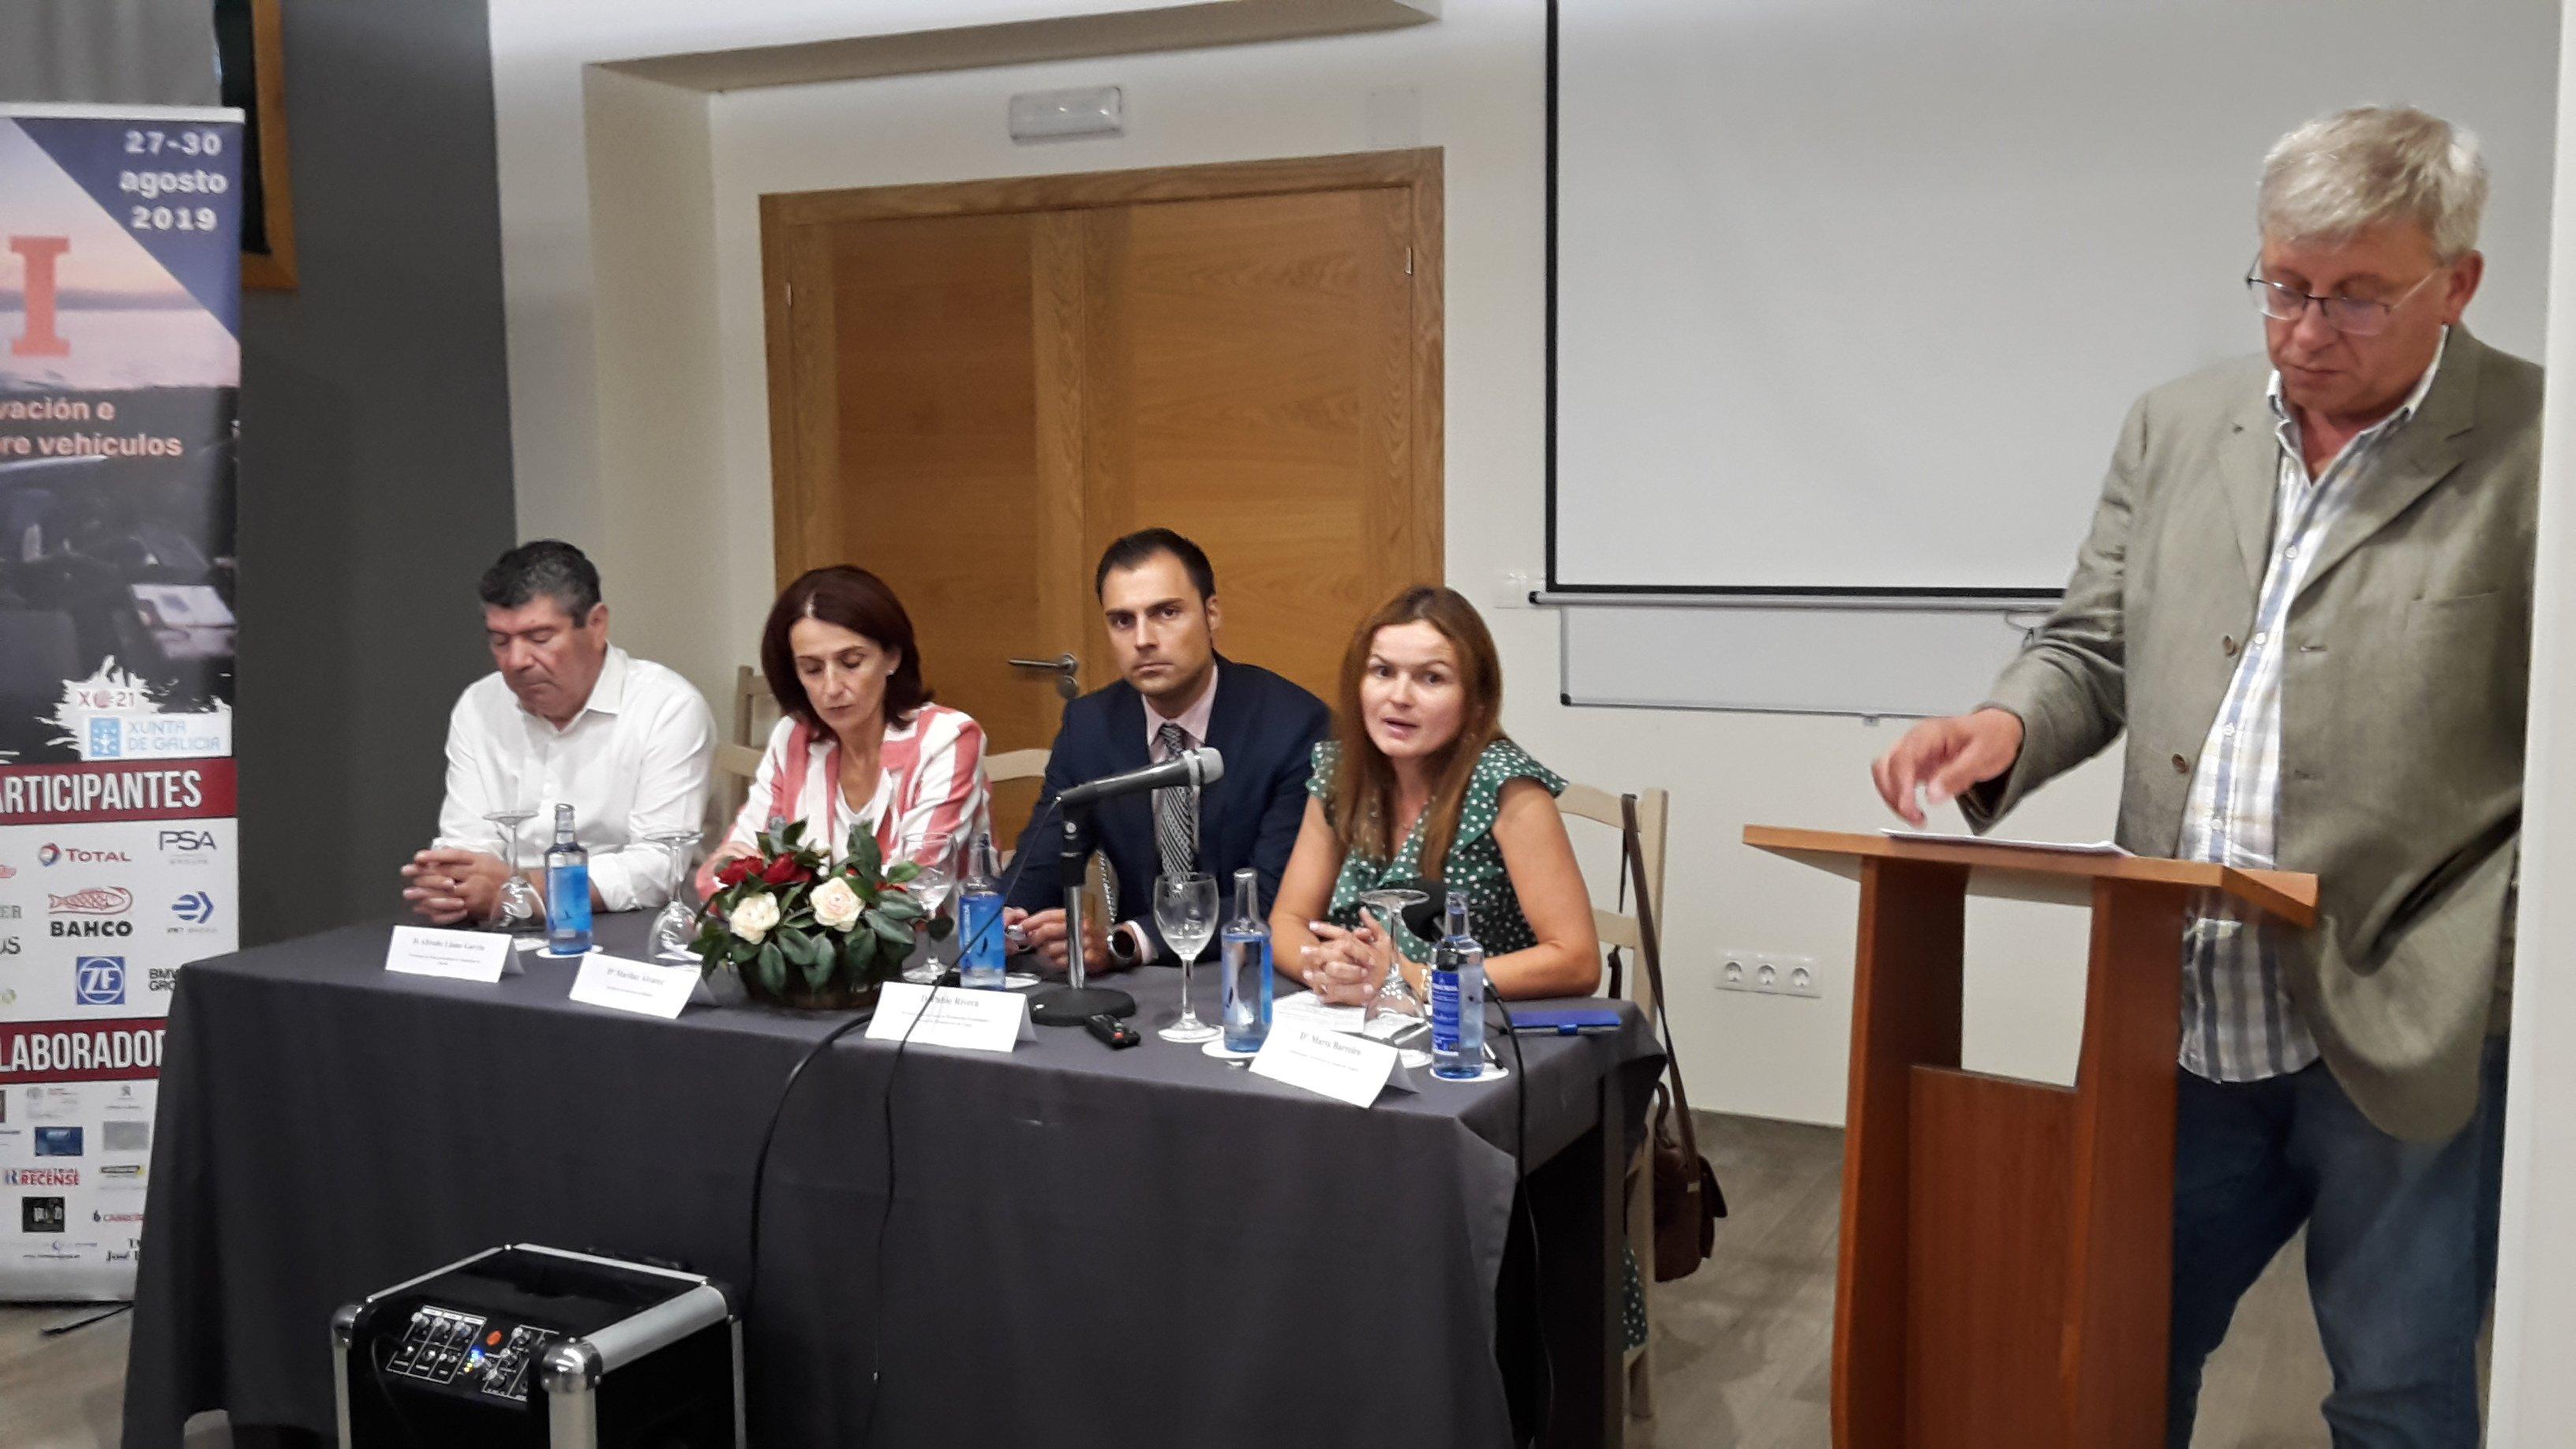 VIII Fórum de Innovación y Formación sobre Vehículos (Ribadeo, del 27 al 30 de agosto)